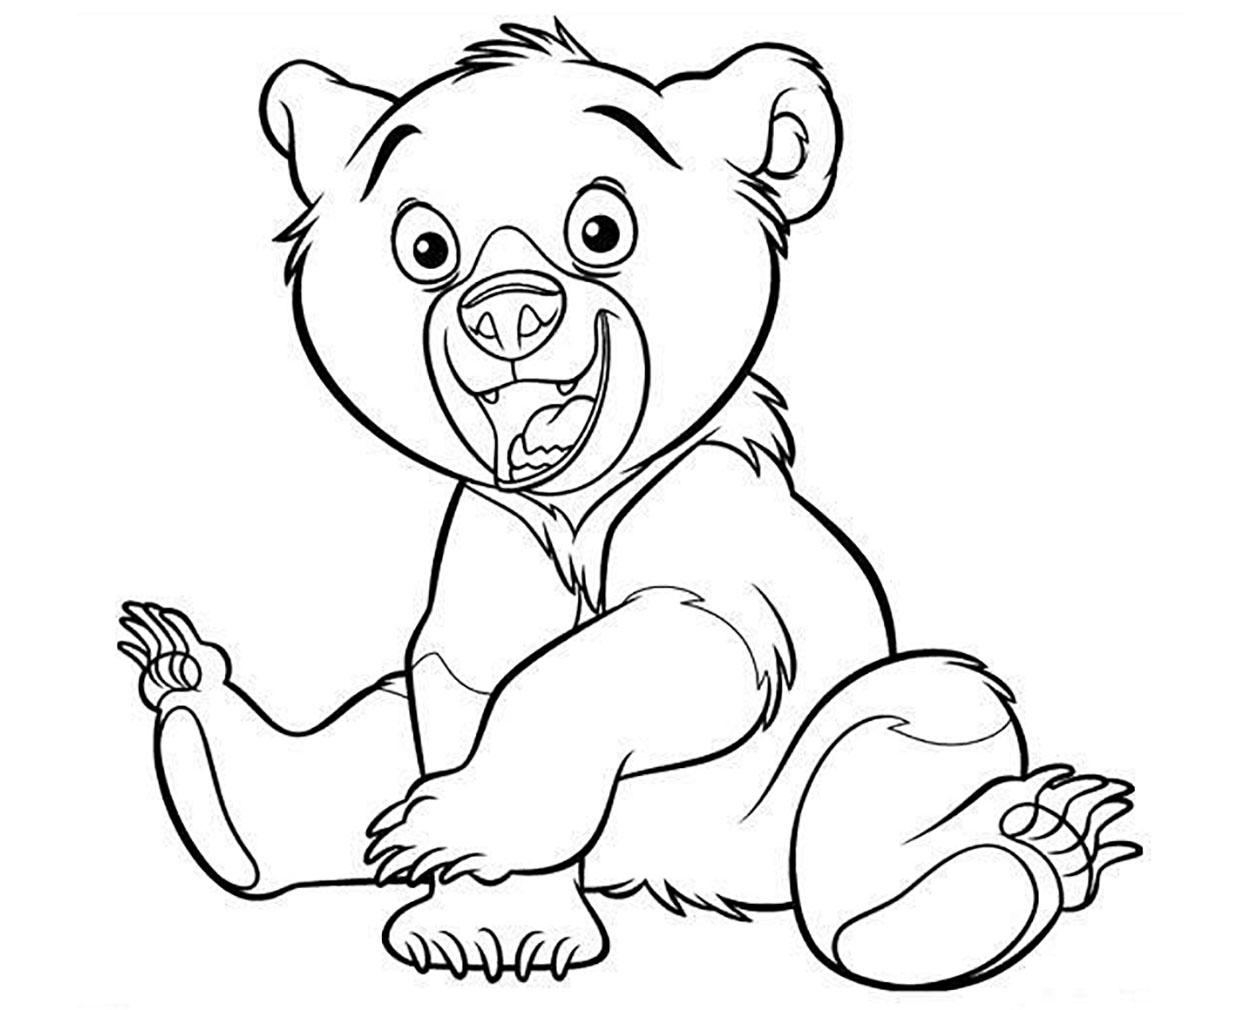 Ourson content - Coloriage d'Oursons - Coloriages pour enfants